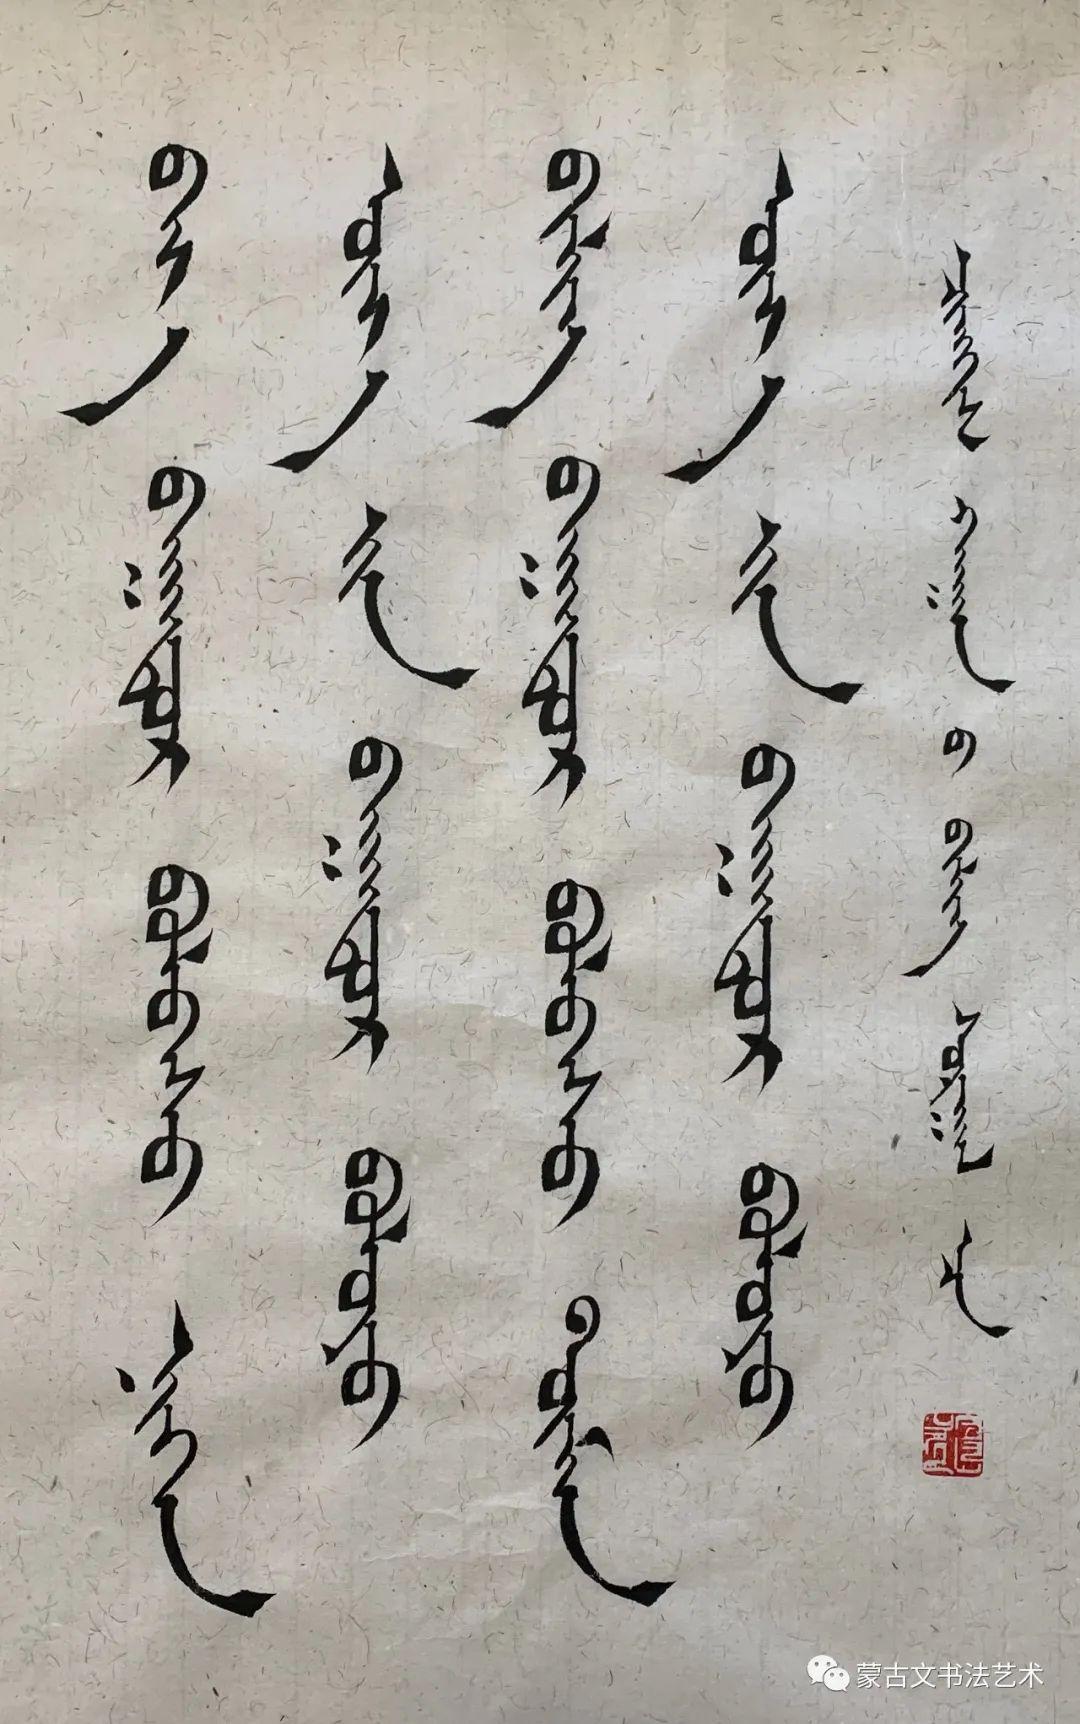 赛音吉雅楷书作品欣赏 第6张